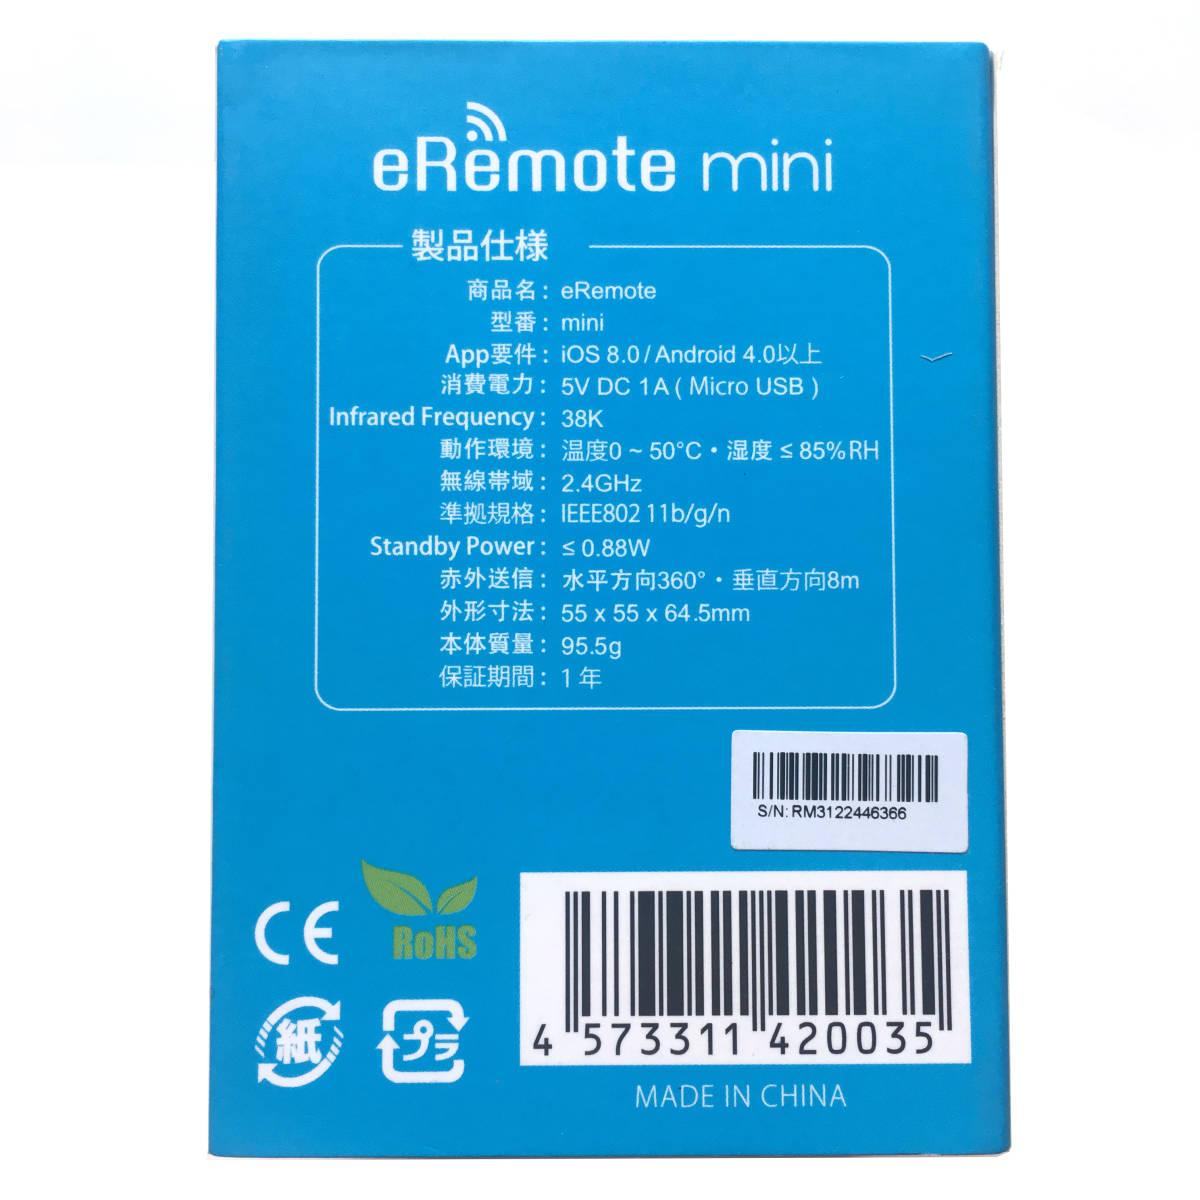 【新品・未開封・送料無料】LinkJapan eRemote mini IoTリモコン IFTTT対応【Works with Alexa認定製品】_画像4